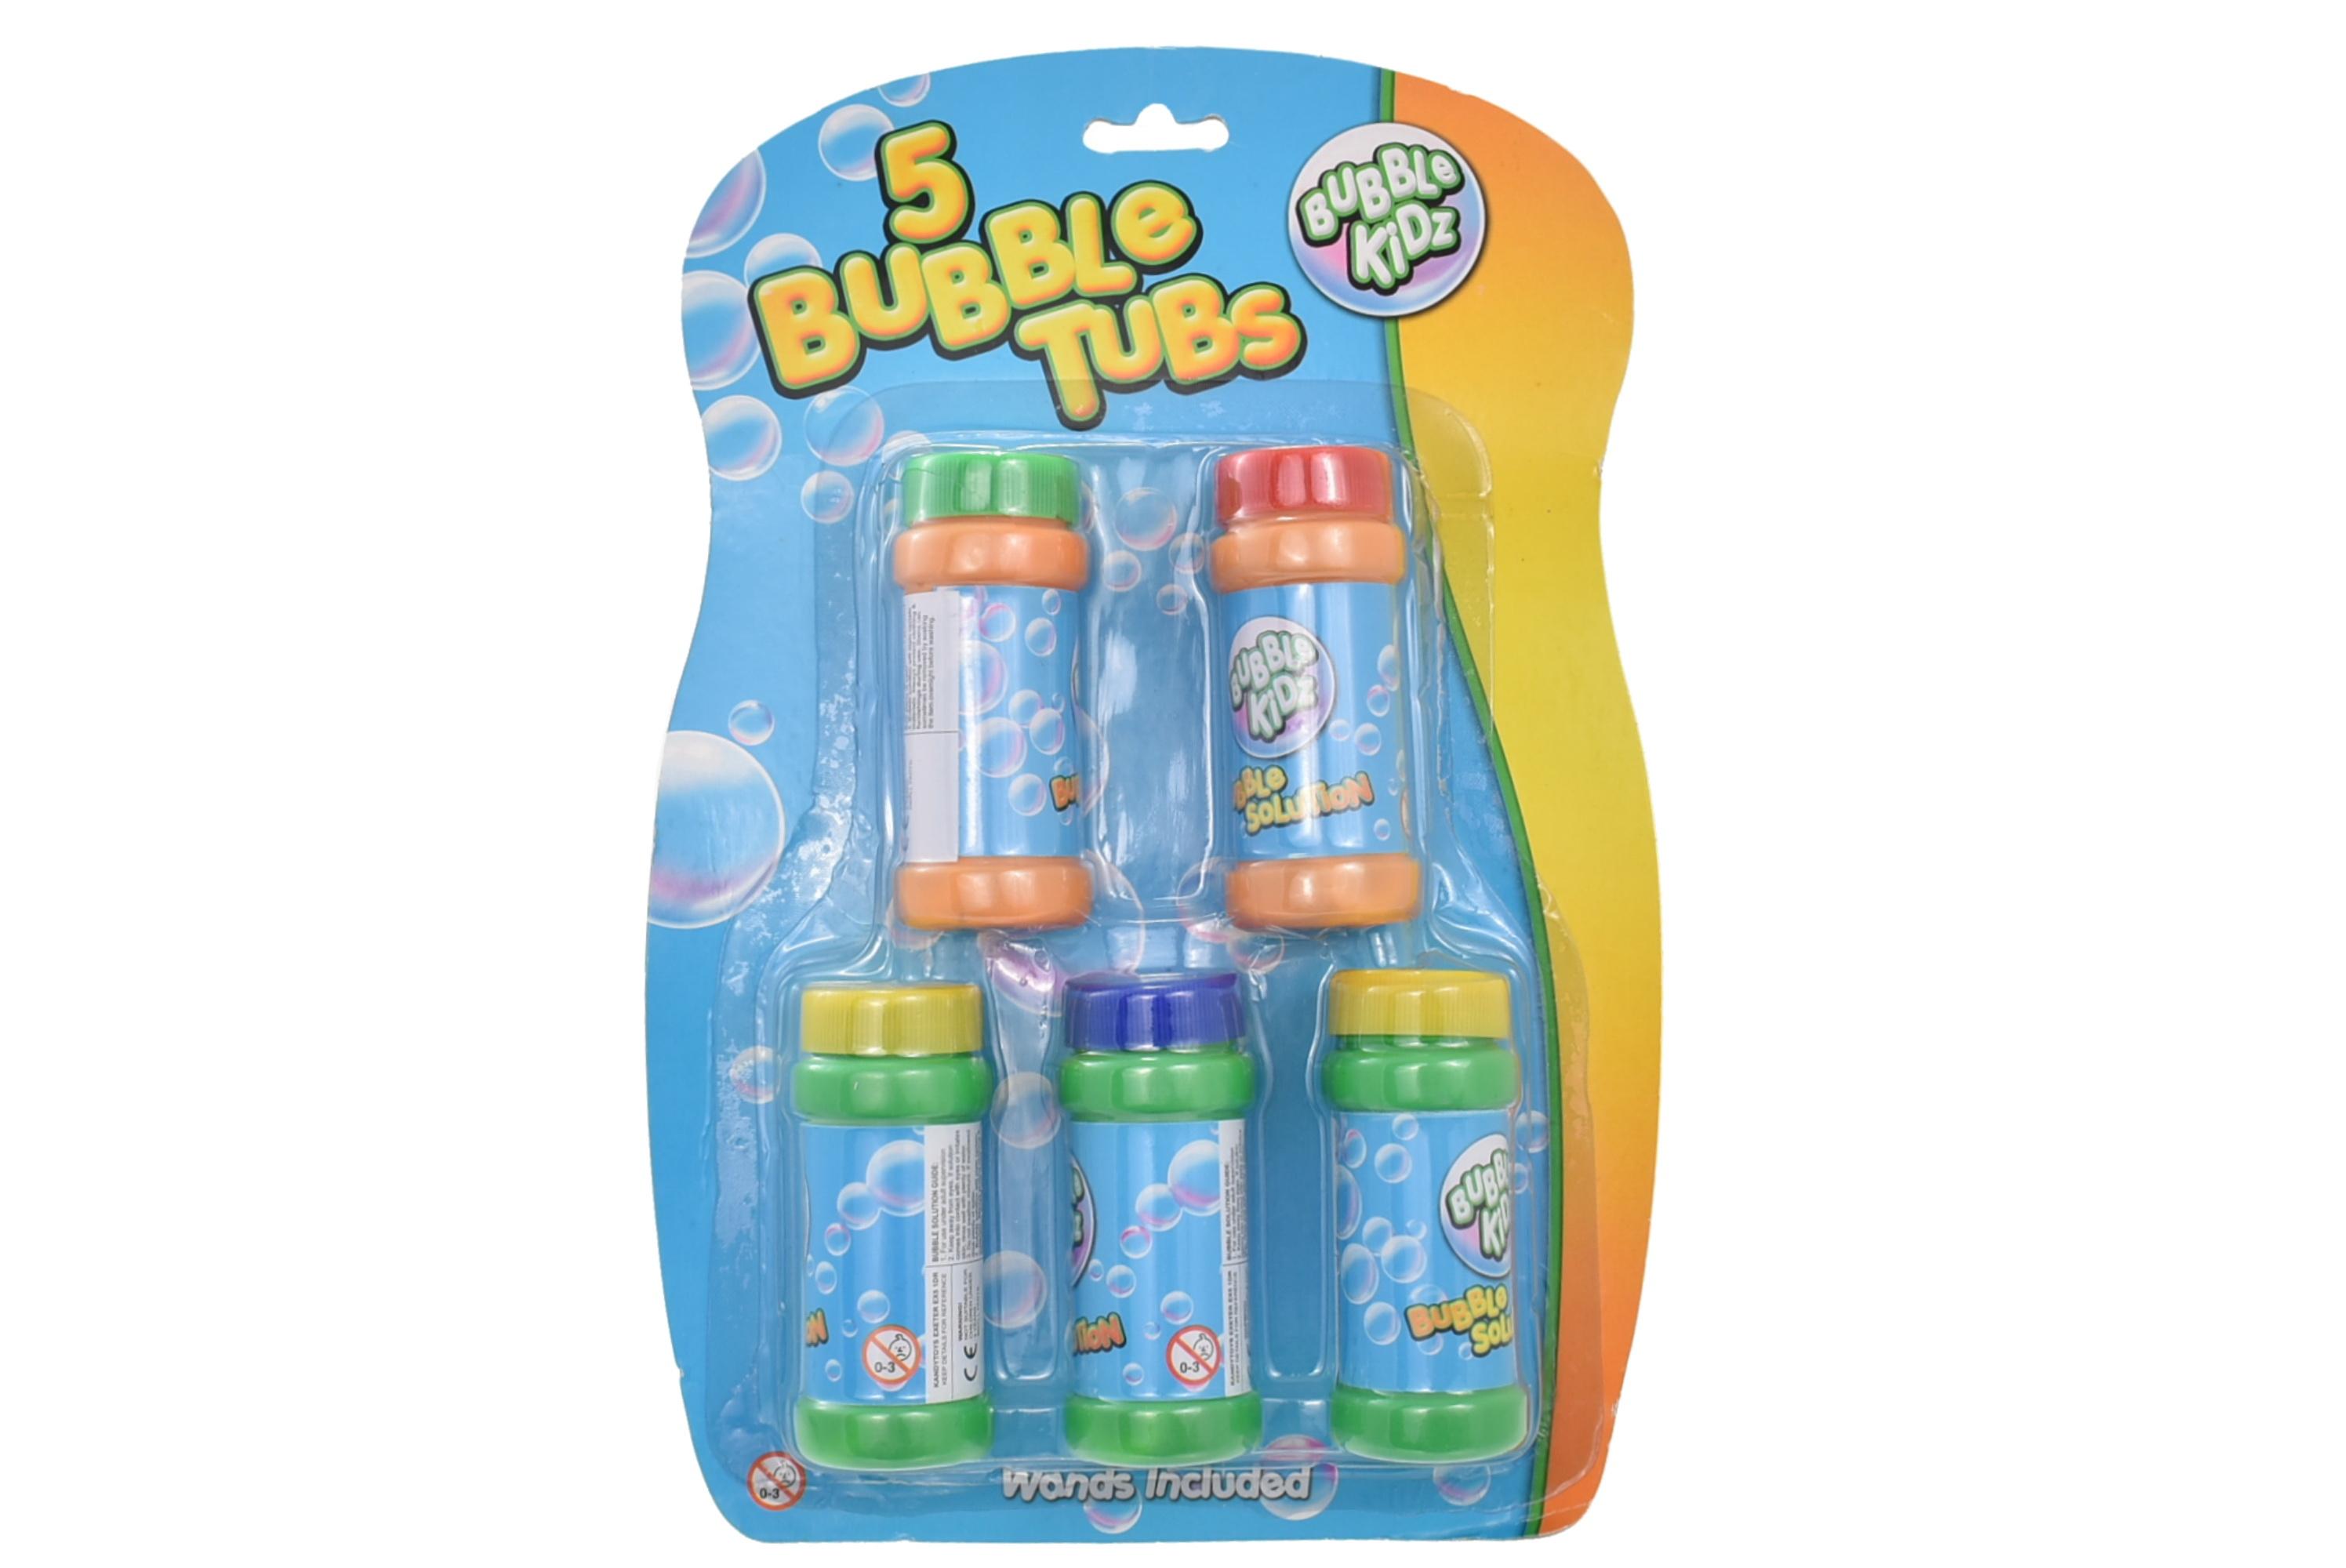 Bubbles 5 Tubs 2.3oz On Blistercard